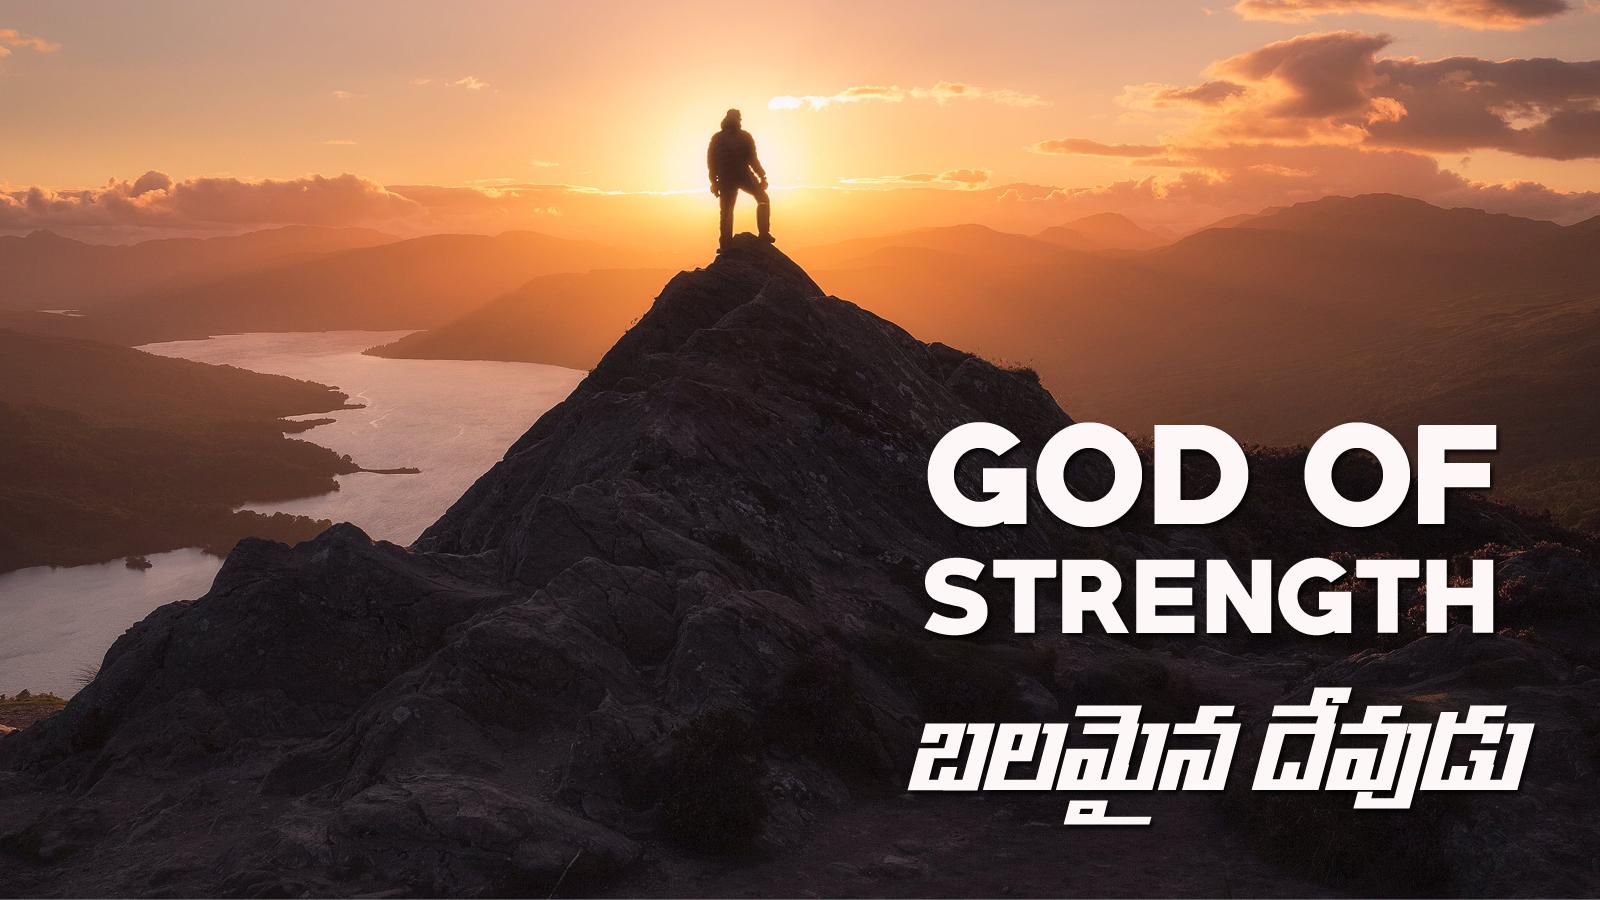 God of Strength (A341)